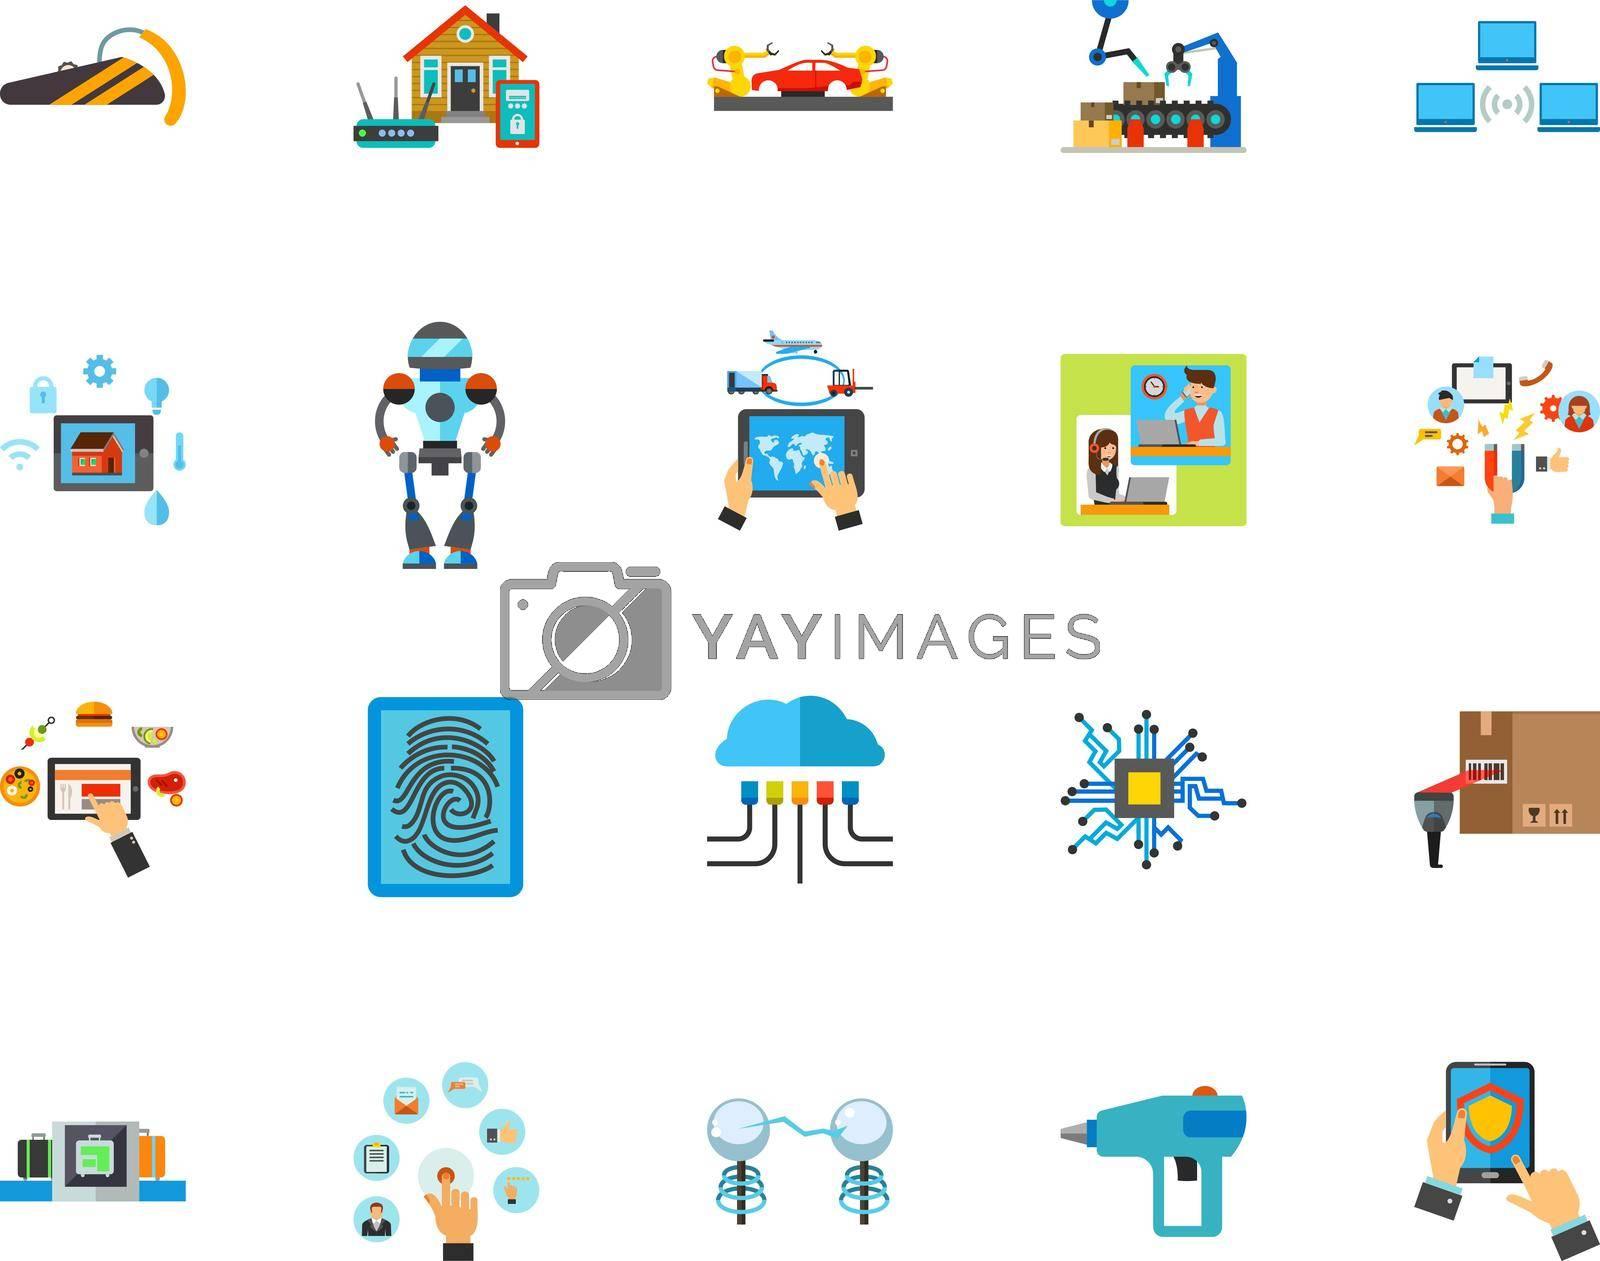 Royalty free image of Innovative technology by mstjahanara